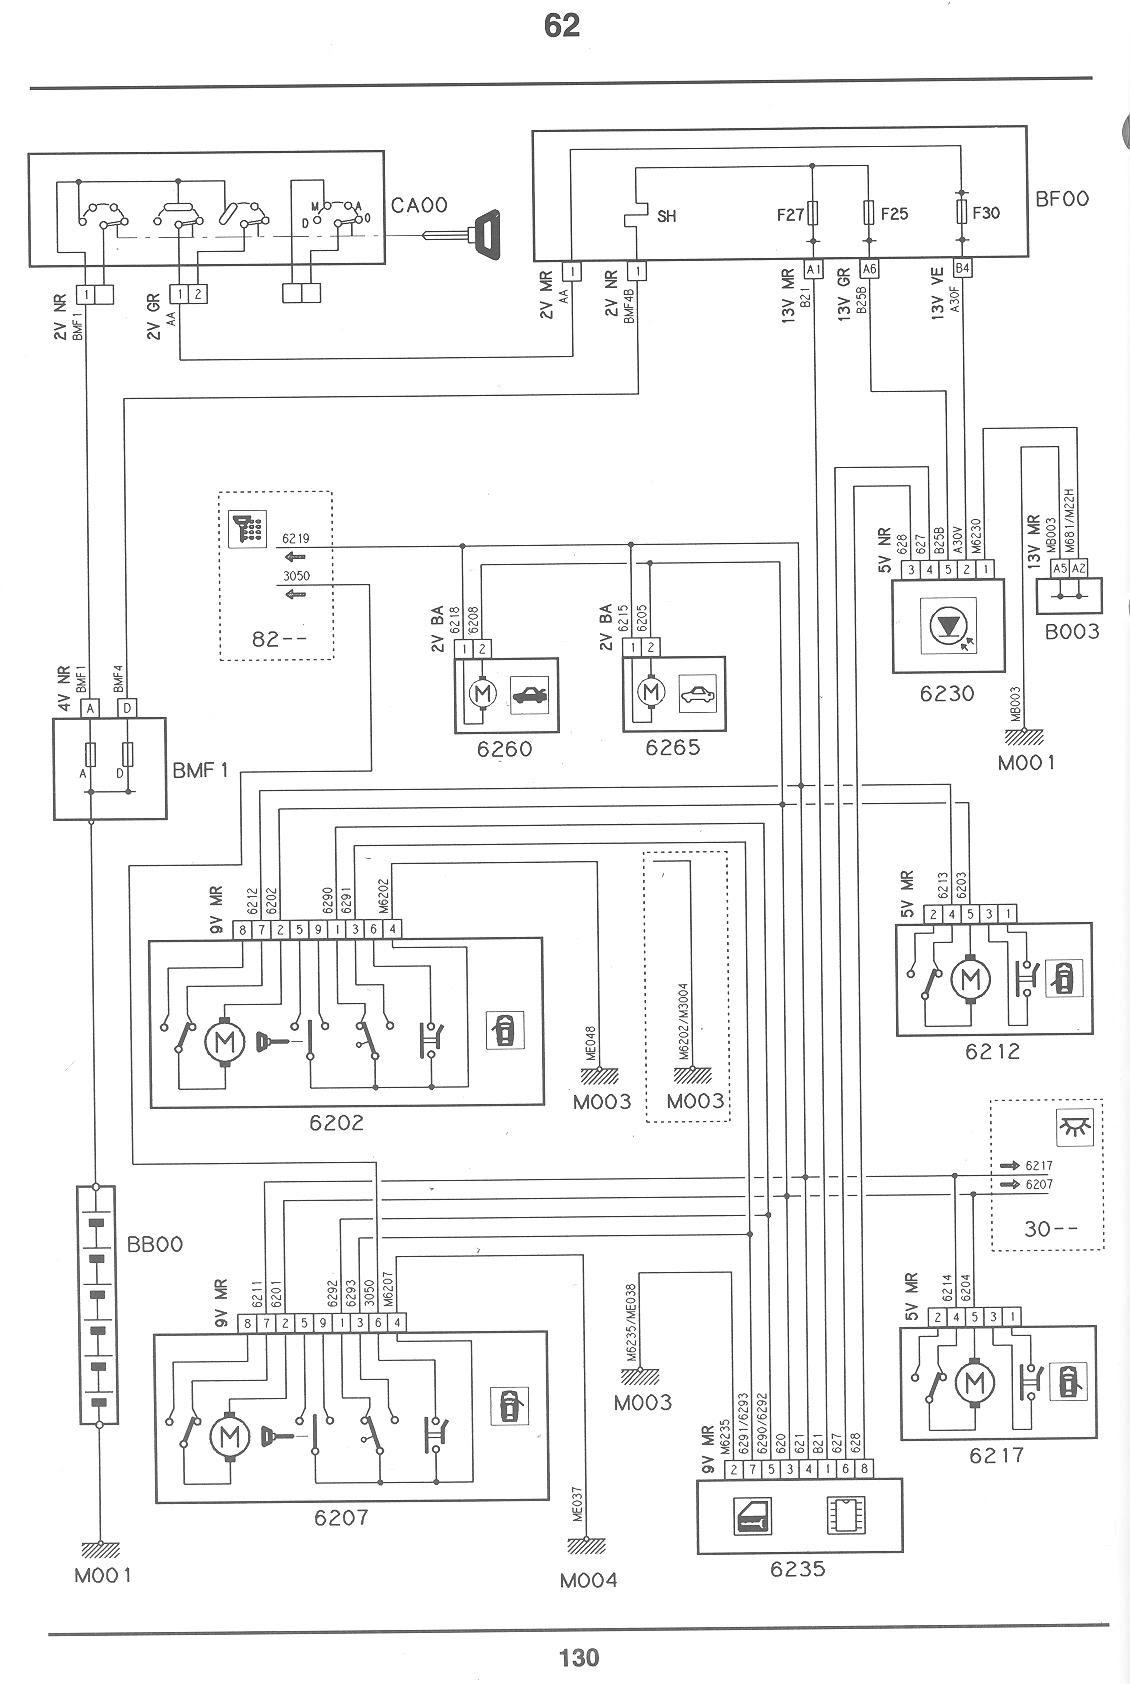 [DIAGRAM] Citroen C2 1 1 2005 Wiring Diagram FULL Version